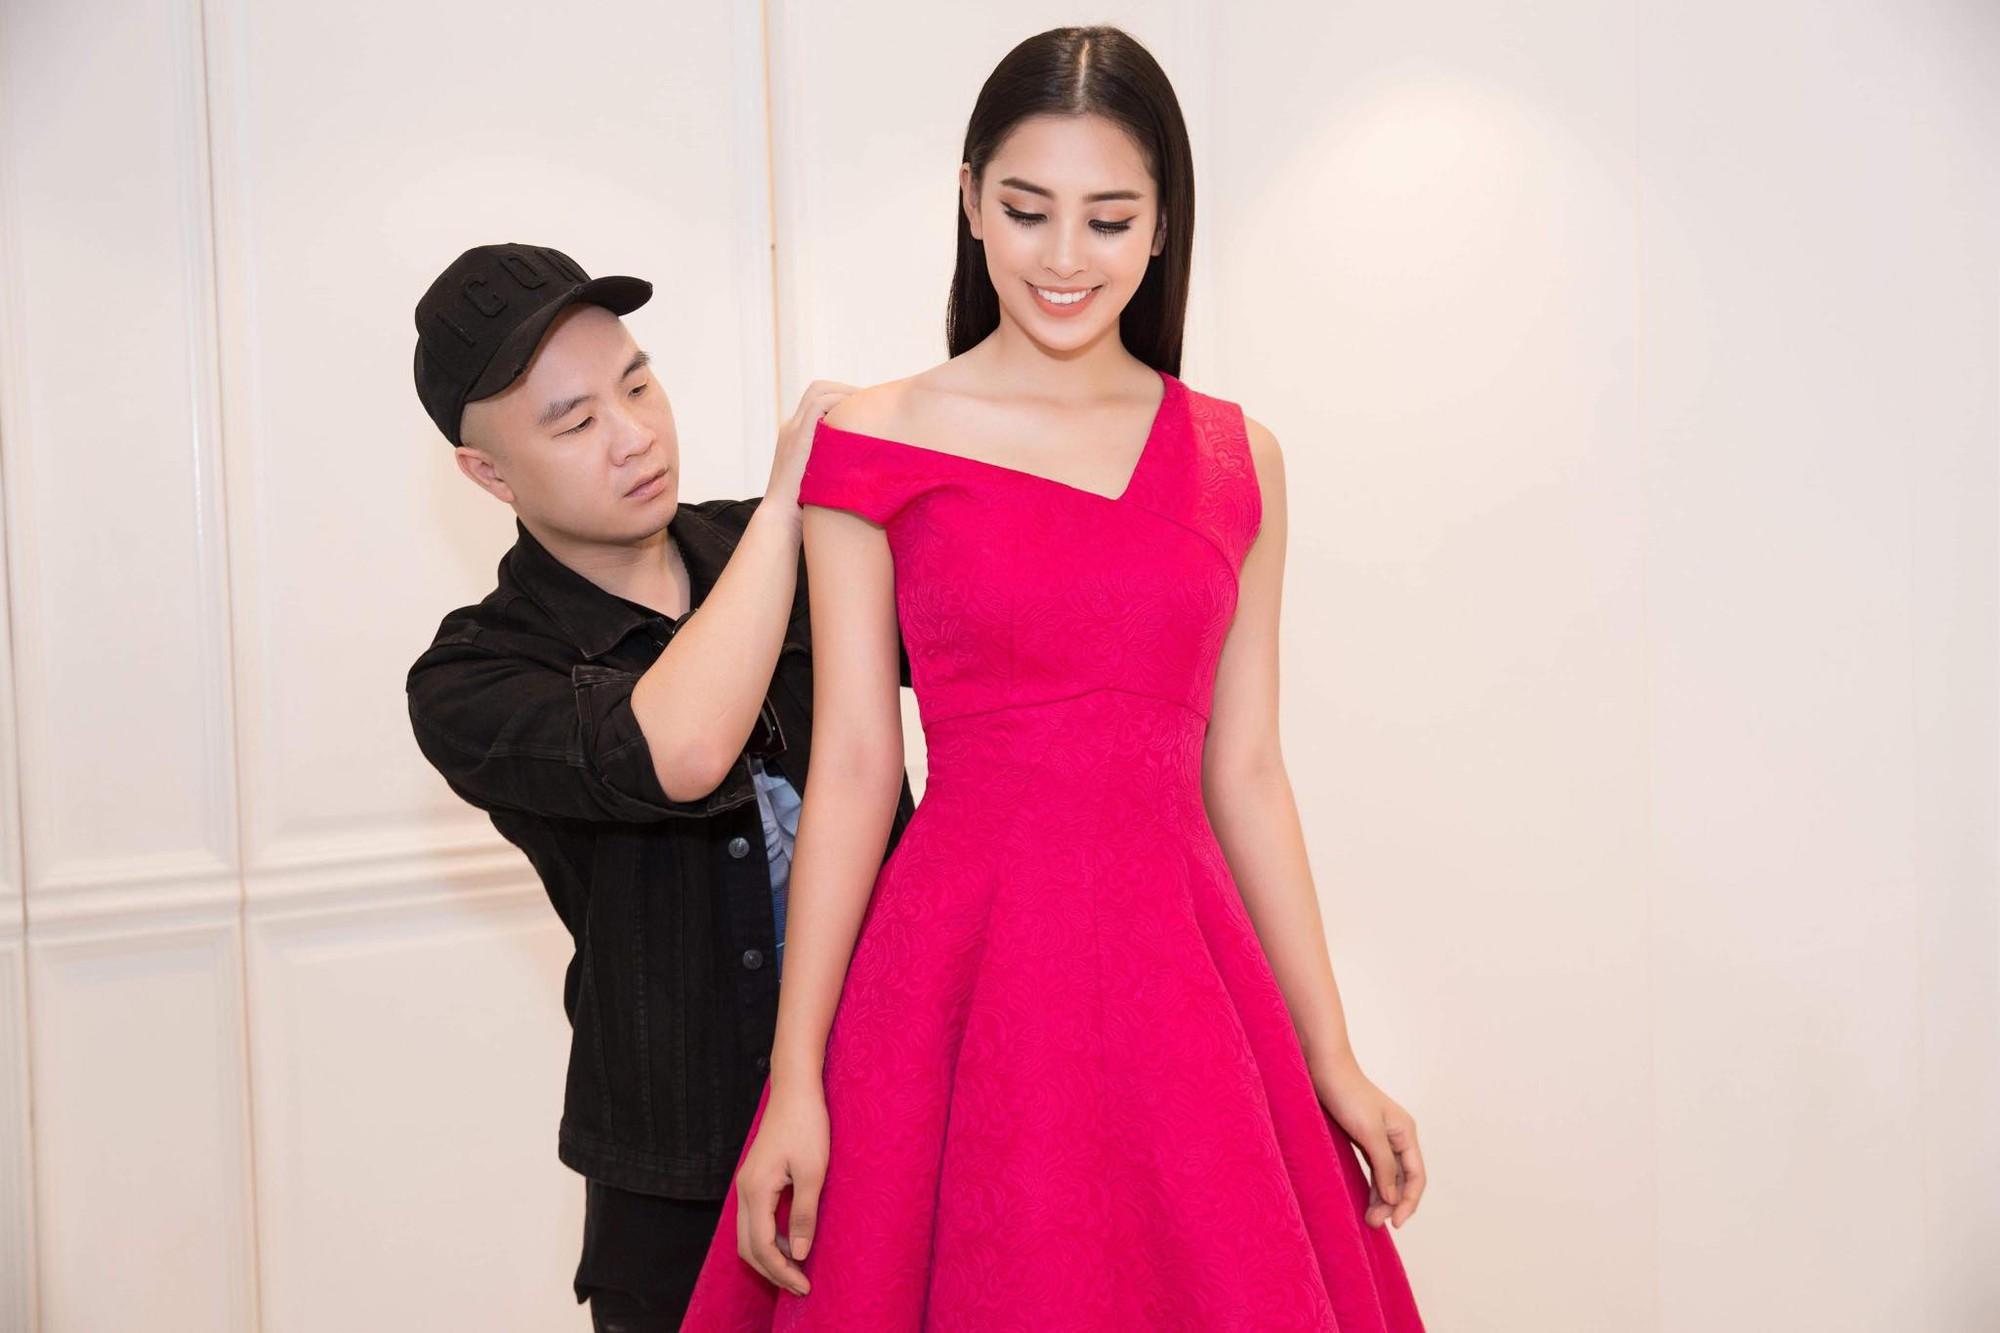 Người ta diện màu hồng dễ sến, riêng HH Tiểu Vy thì nhan sắc lại càng thăng hoa với gam màu khó chiều này - Ảnh 2.